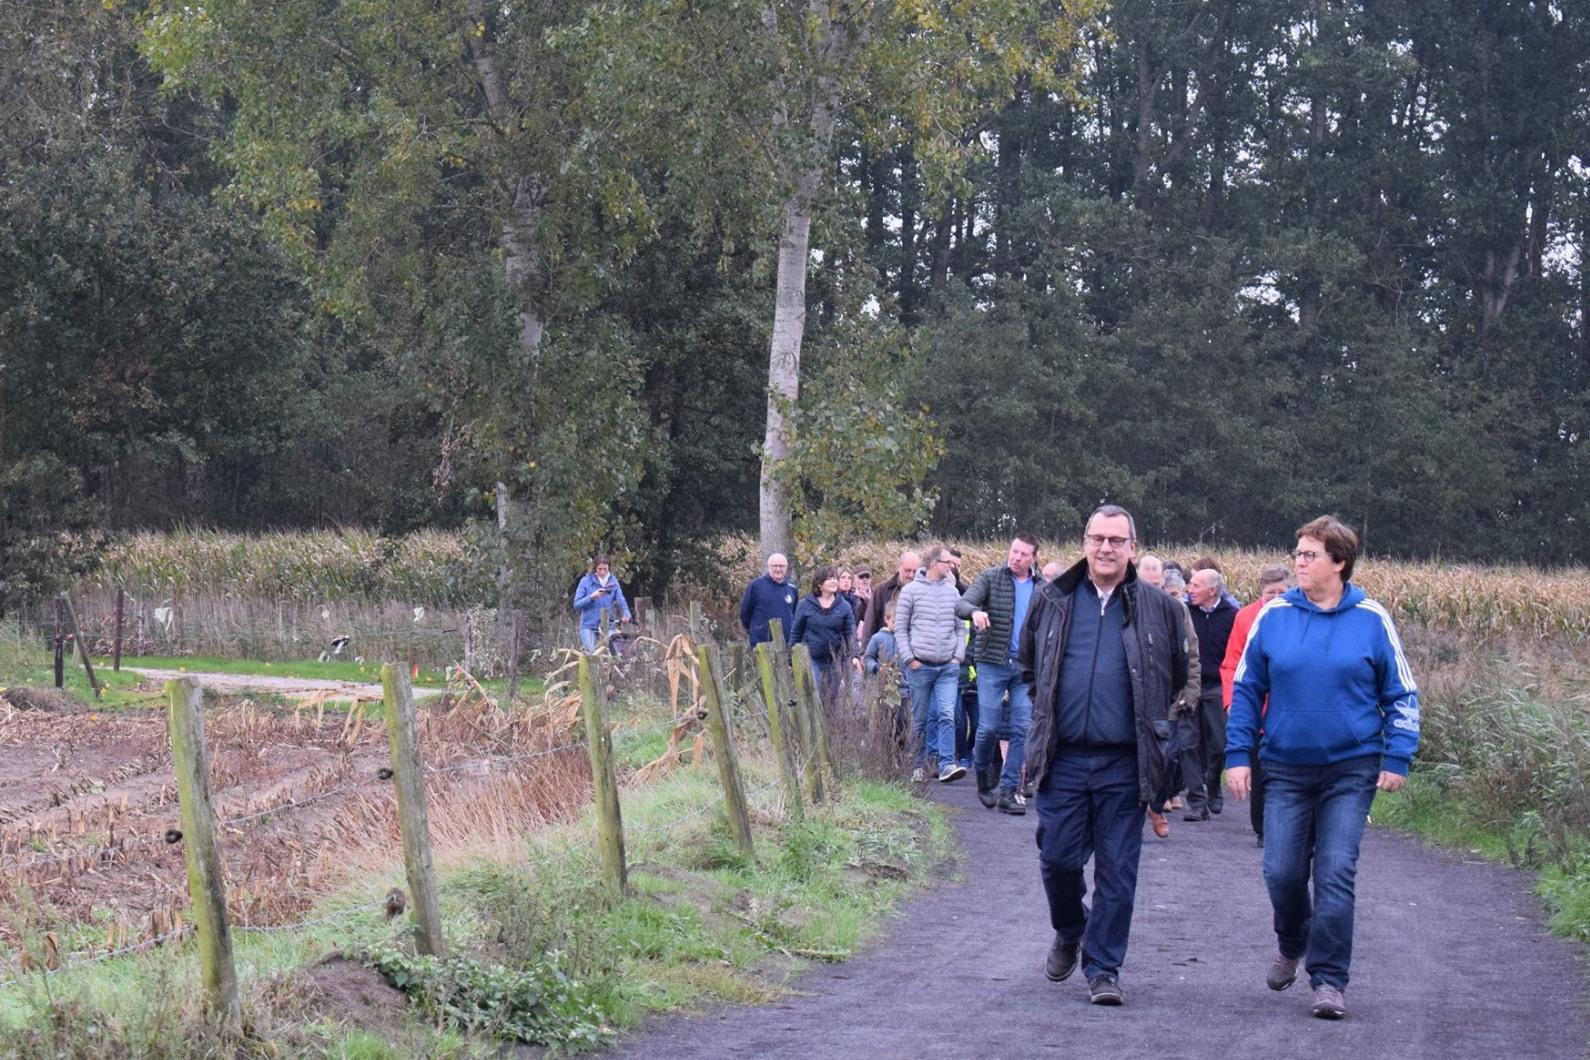 Tientallen buurtbewoners wandelen vernieuwde Tereeckensche voetpad in